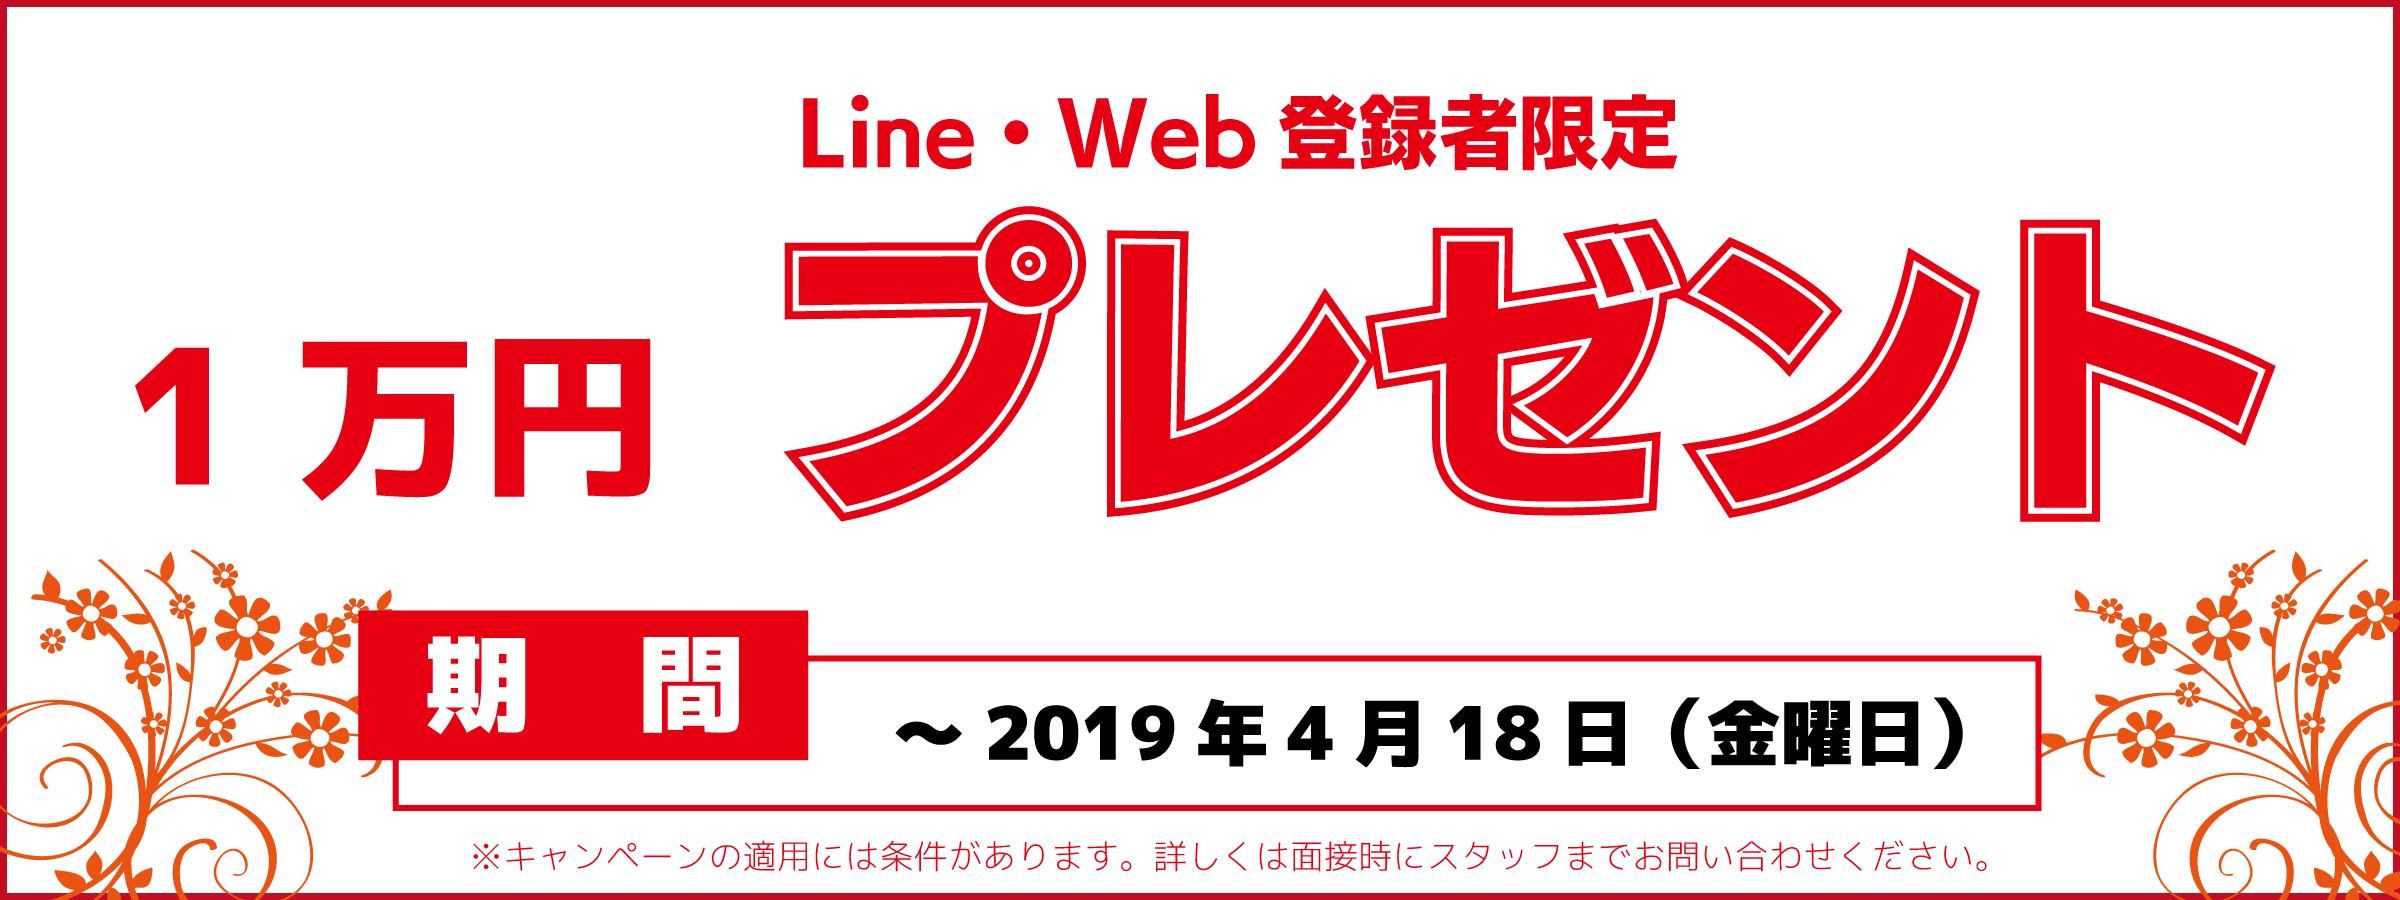 1万円キャッシュバックキャンペーン